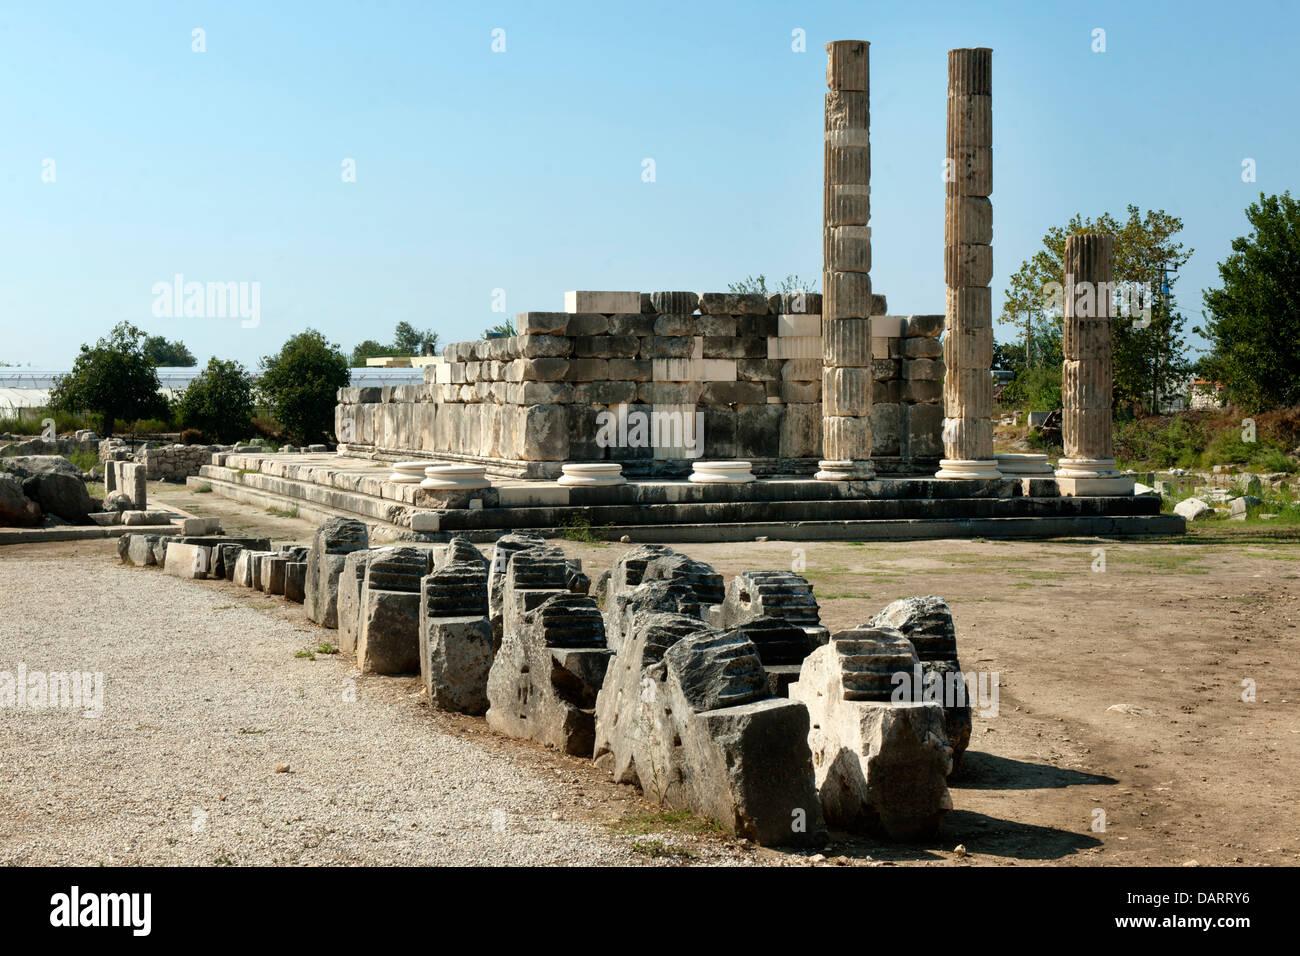 Asien, Ägypten, Provinz Mugla, Kinik, Letoon, Das Antike Heiligtum der Nahe Gelegenen Stadt Xanthos Und des Stockbild